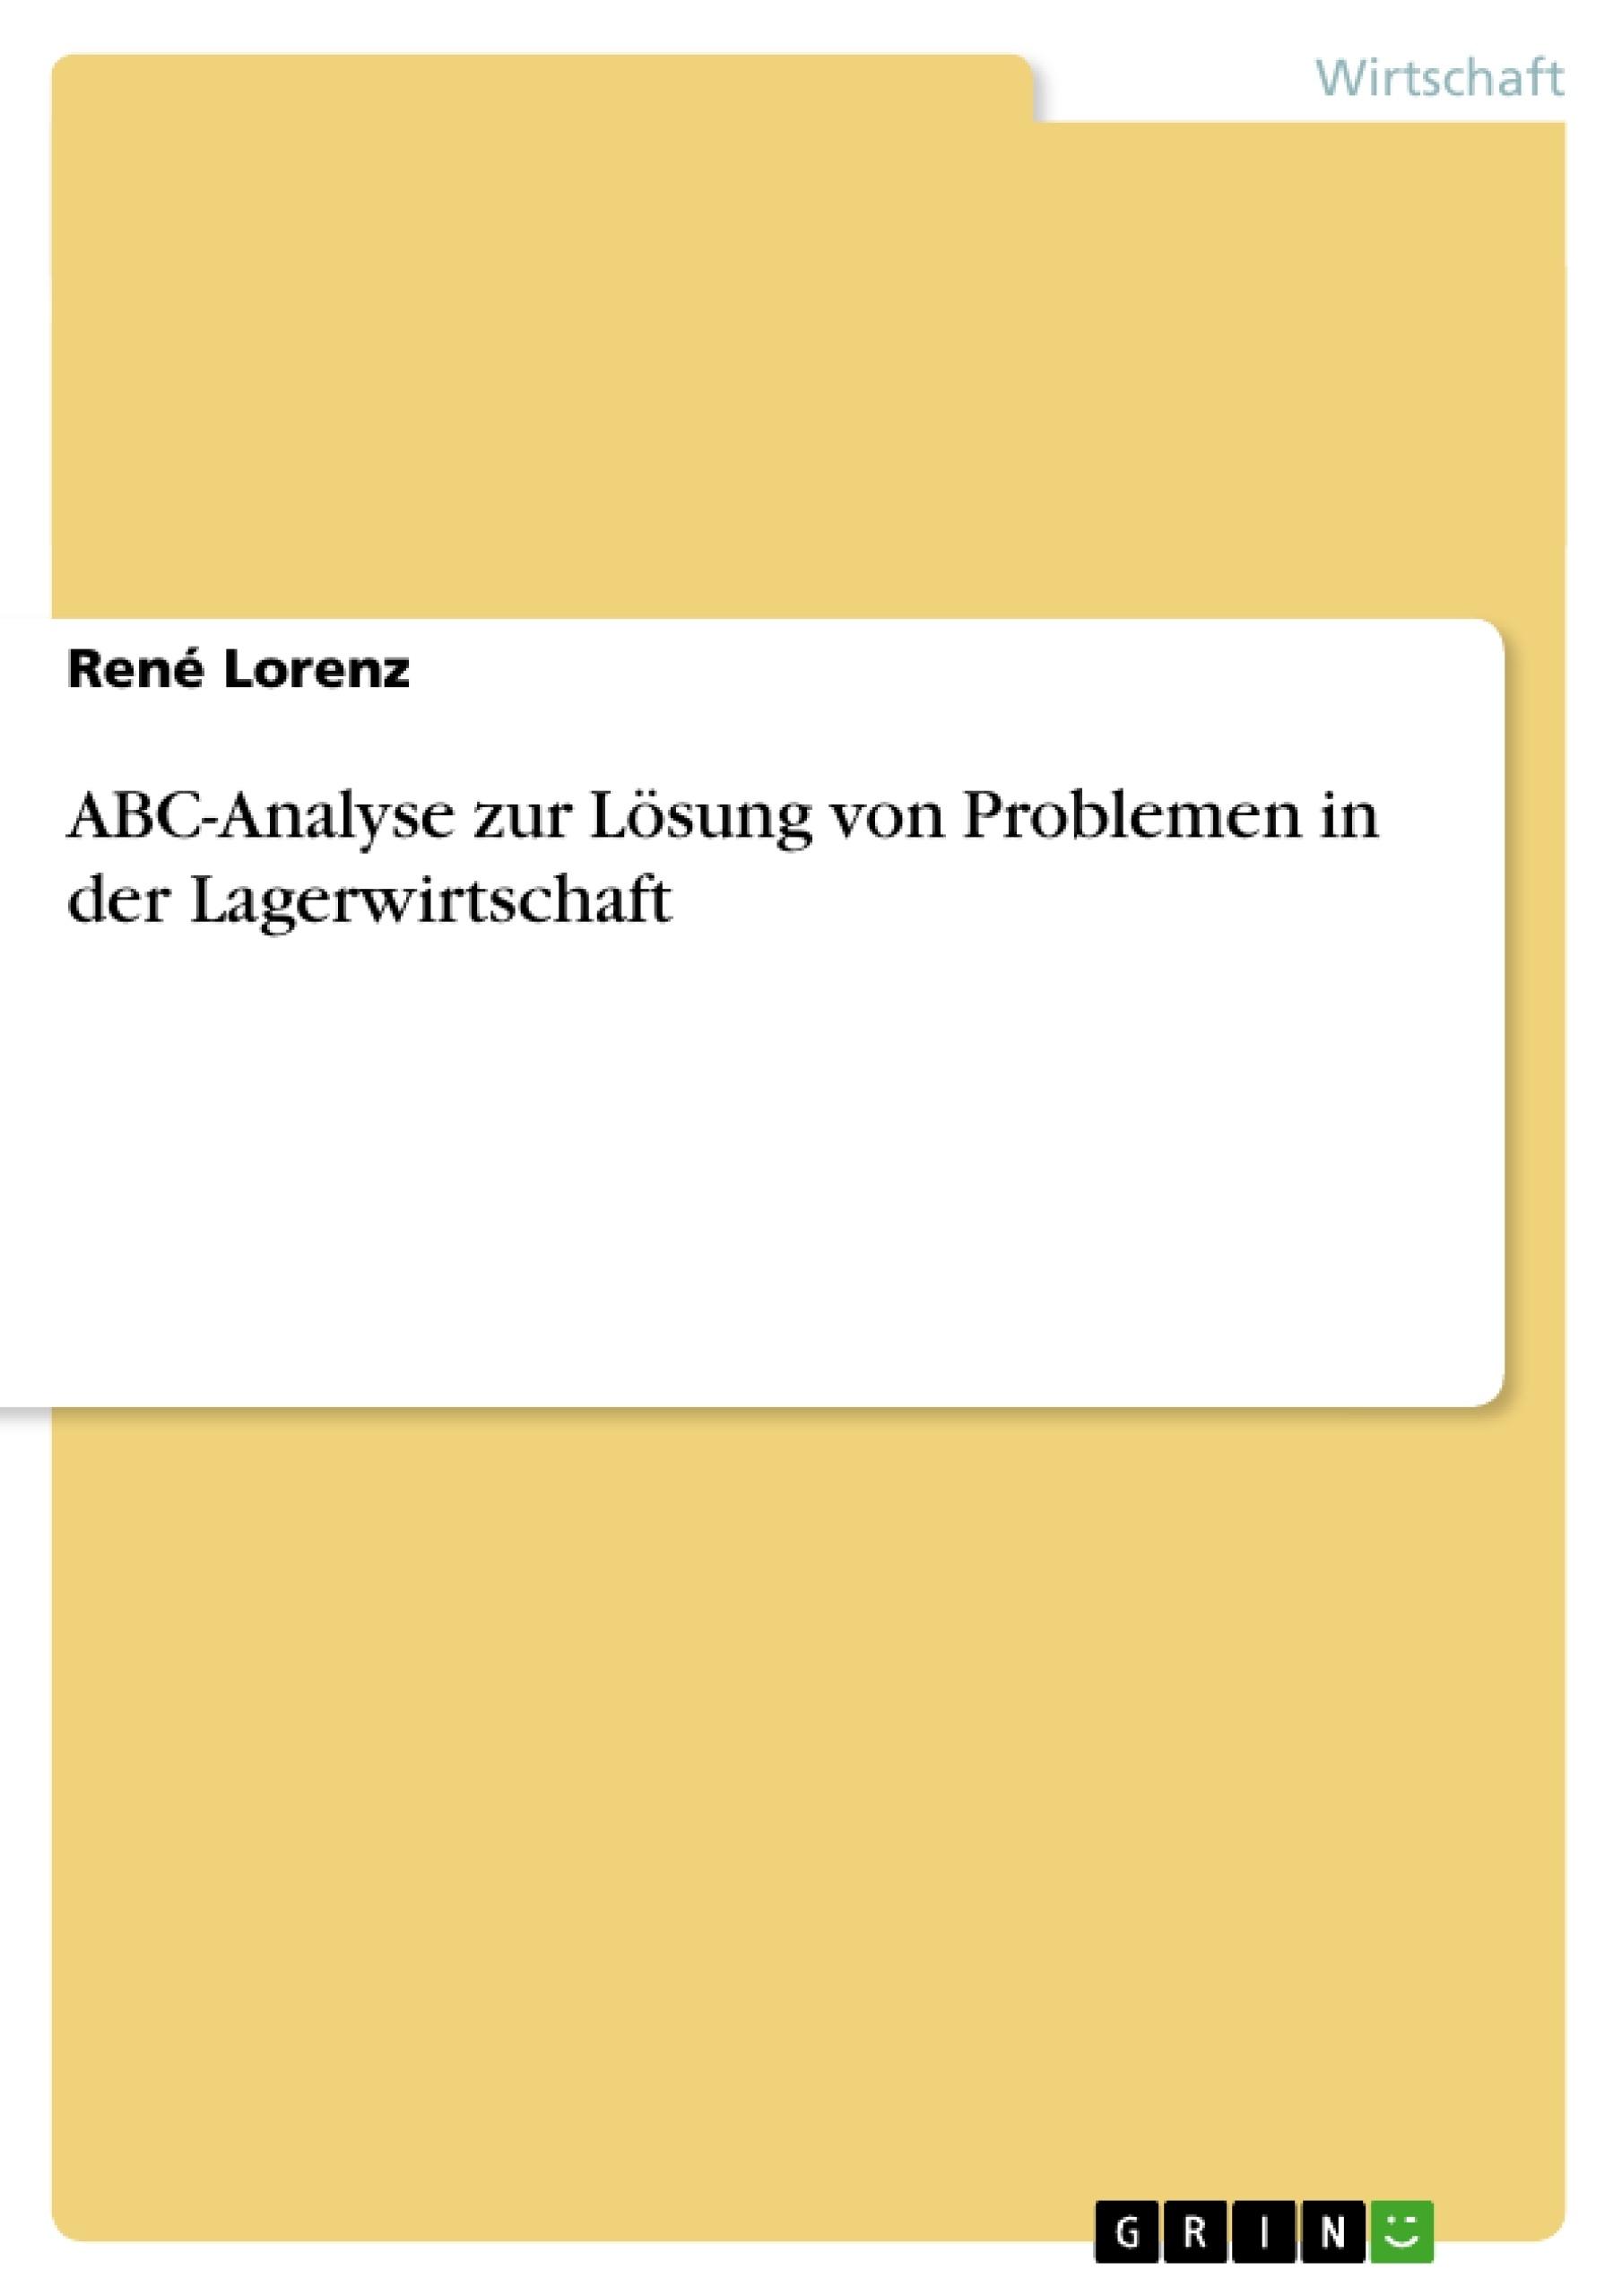 Titel: ABC-Analyse zur Lösung von Problemen in der Lagerwirtschaft